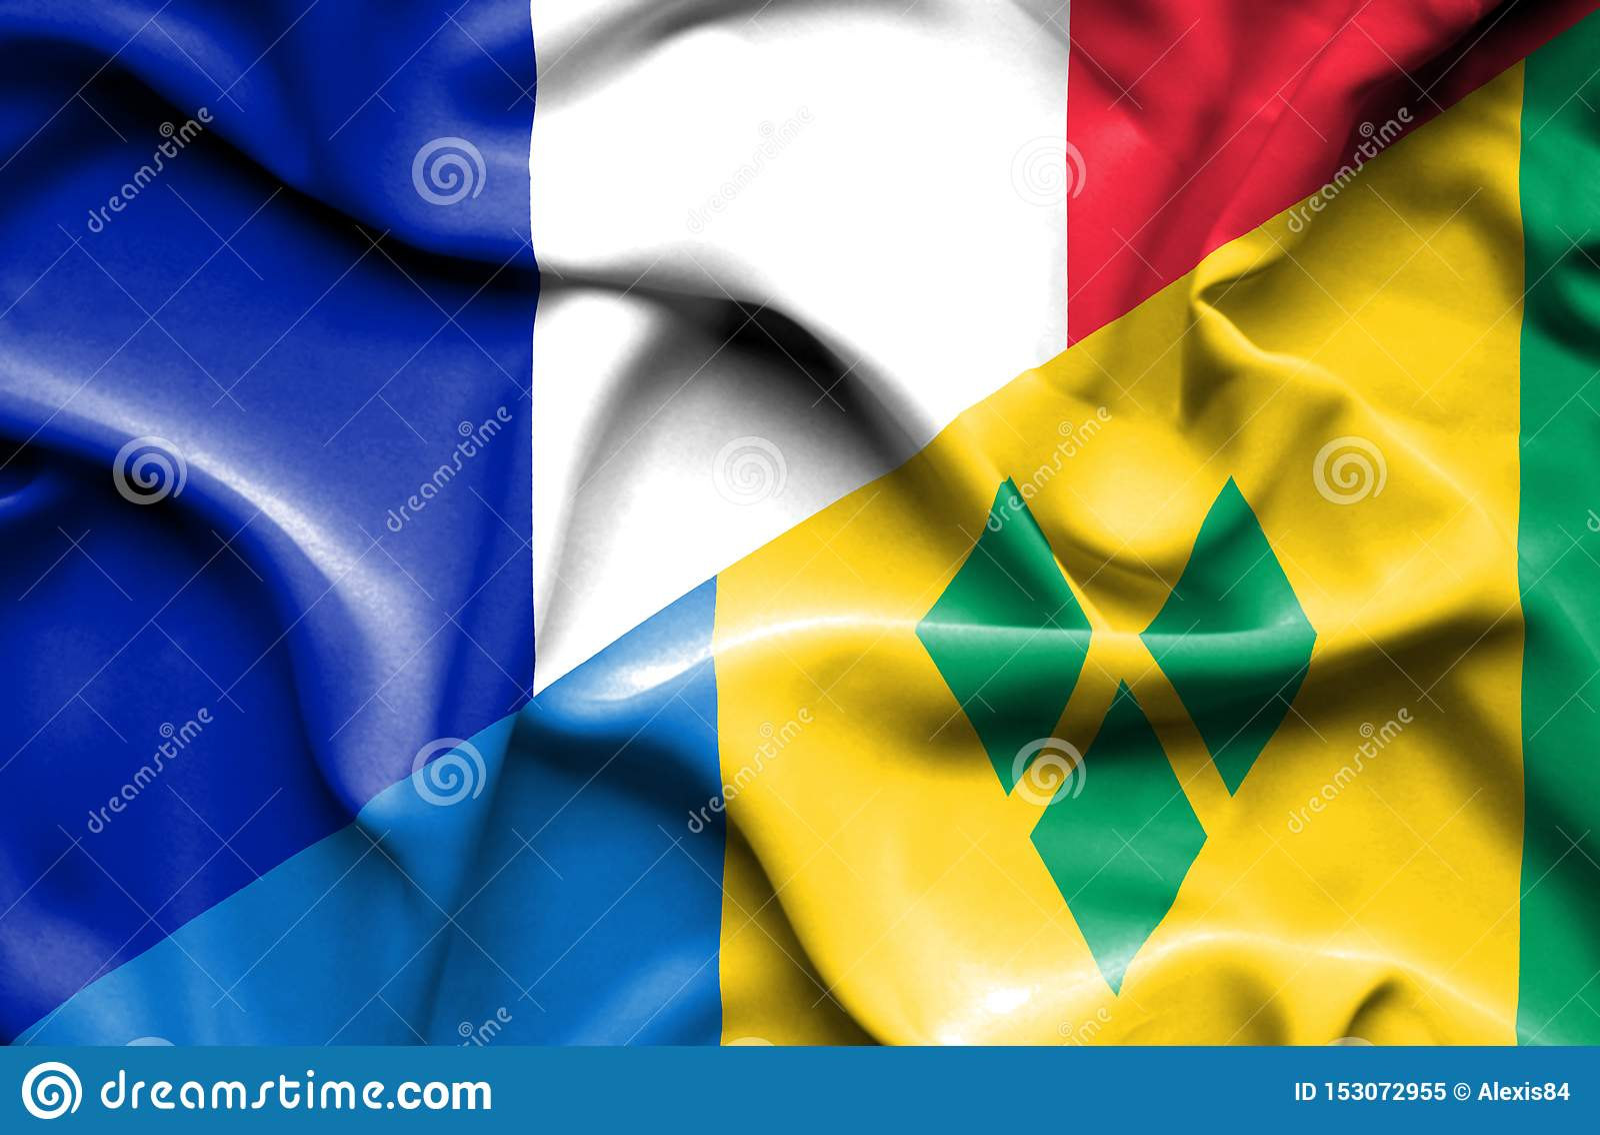 Drapeau de ondulation de Saint Vincent et grenadines et la France